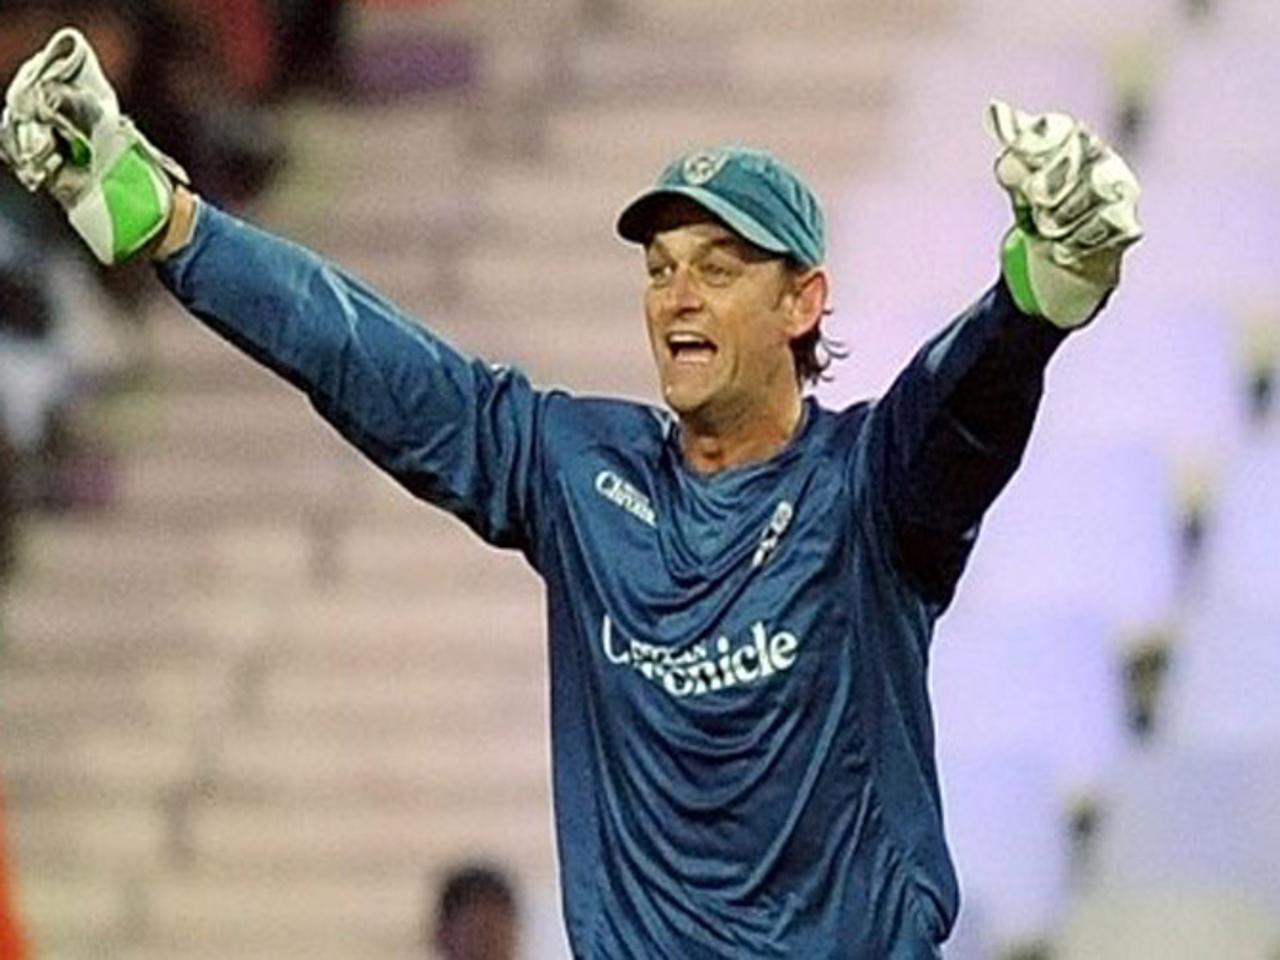 आरपी सिंह ने बताया क्यों आईपीएल 2009 के सेमीफाइनल में खुद से गुस्सा थे एडम गिलक्रिस्ट 2